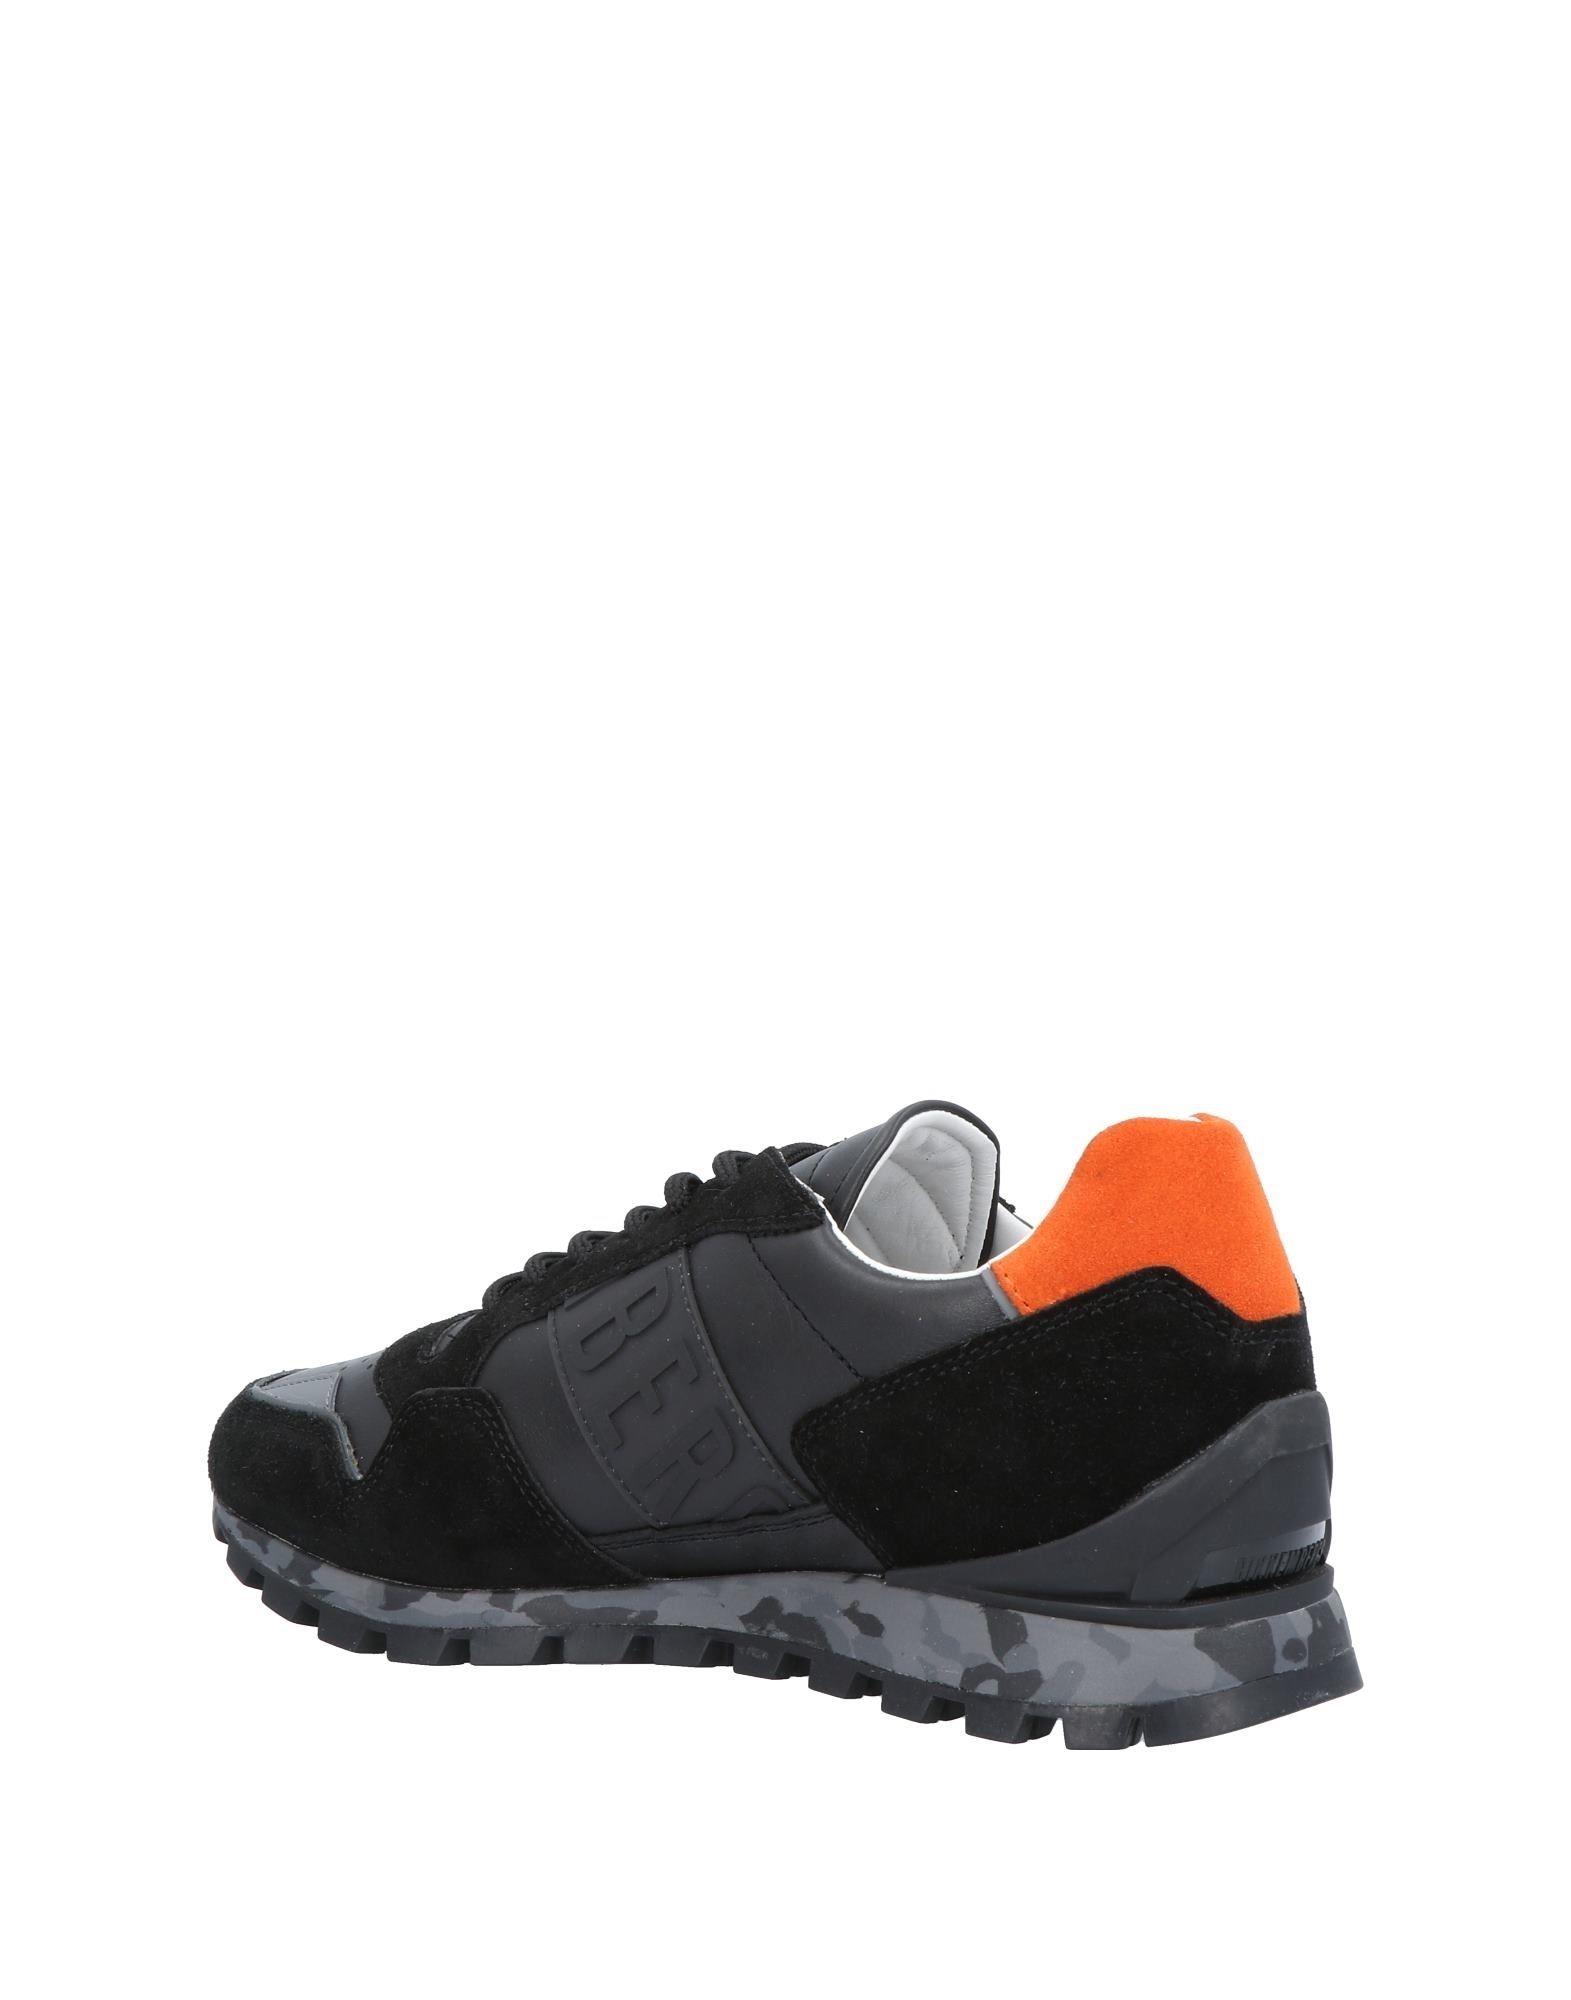 Bikkembergs Sneakers Herren  11449904QN Gute Qualität beliebte Schuhe